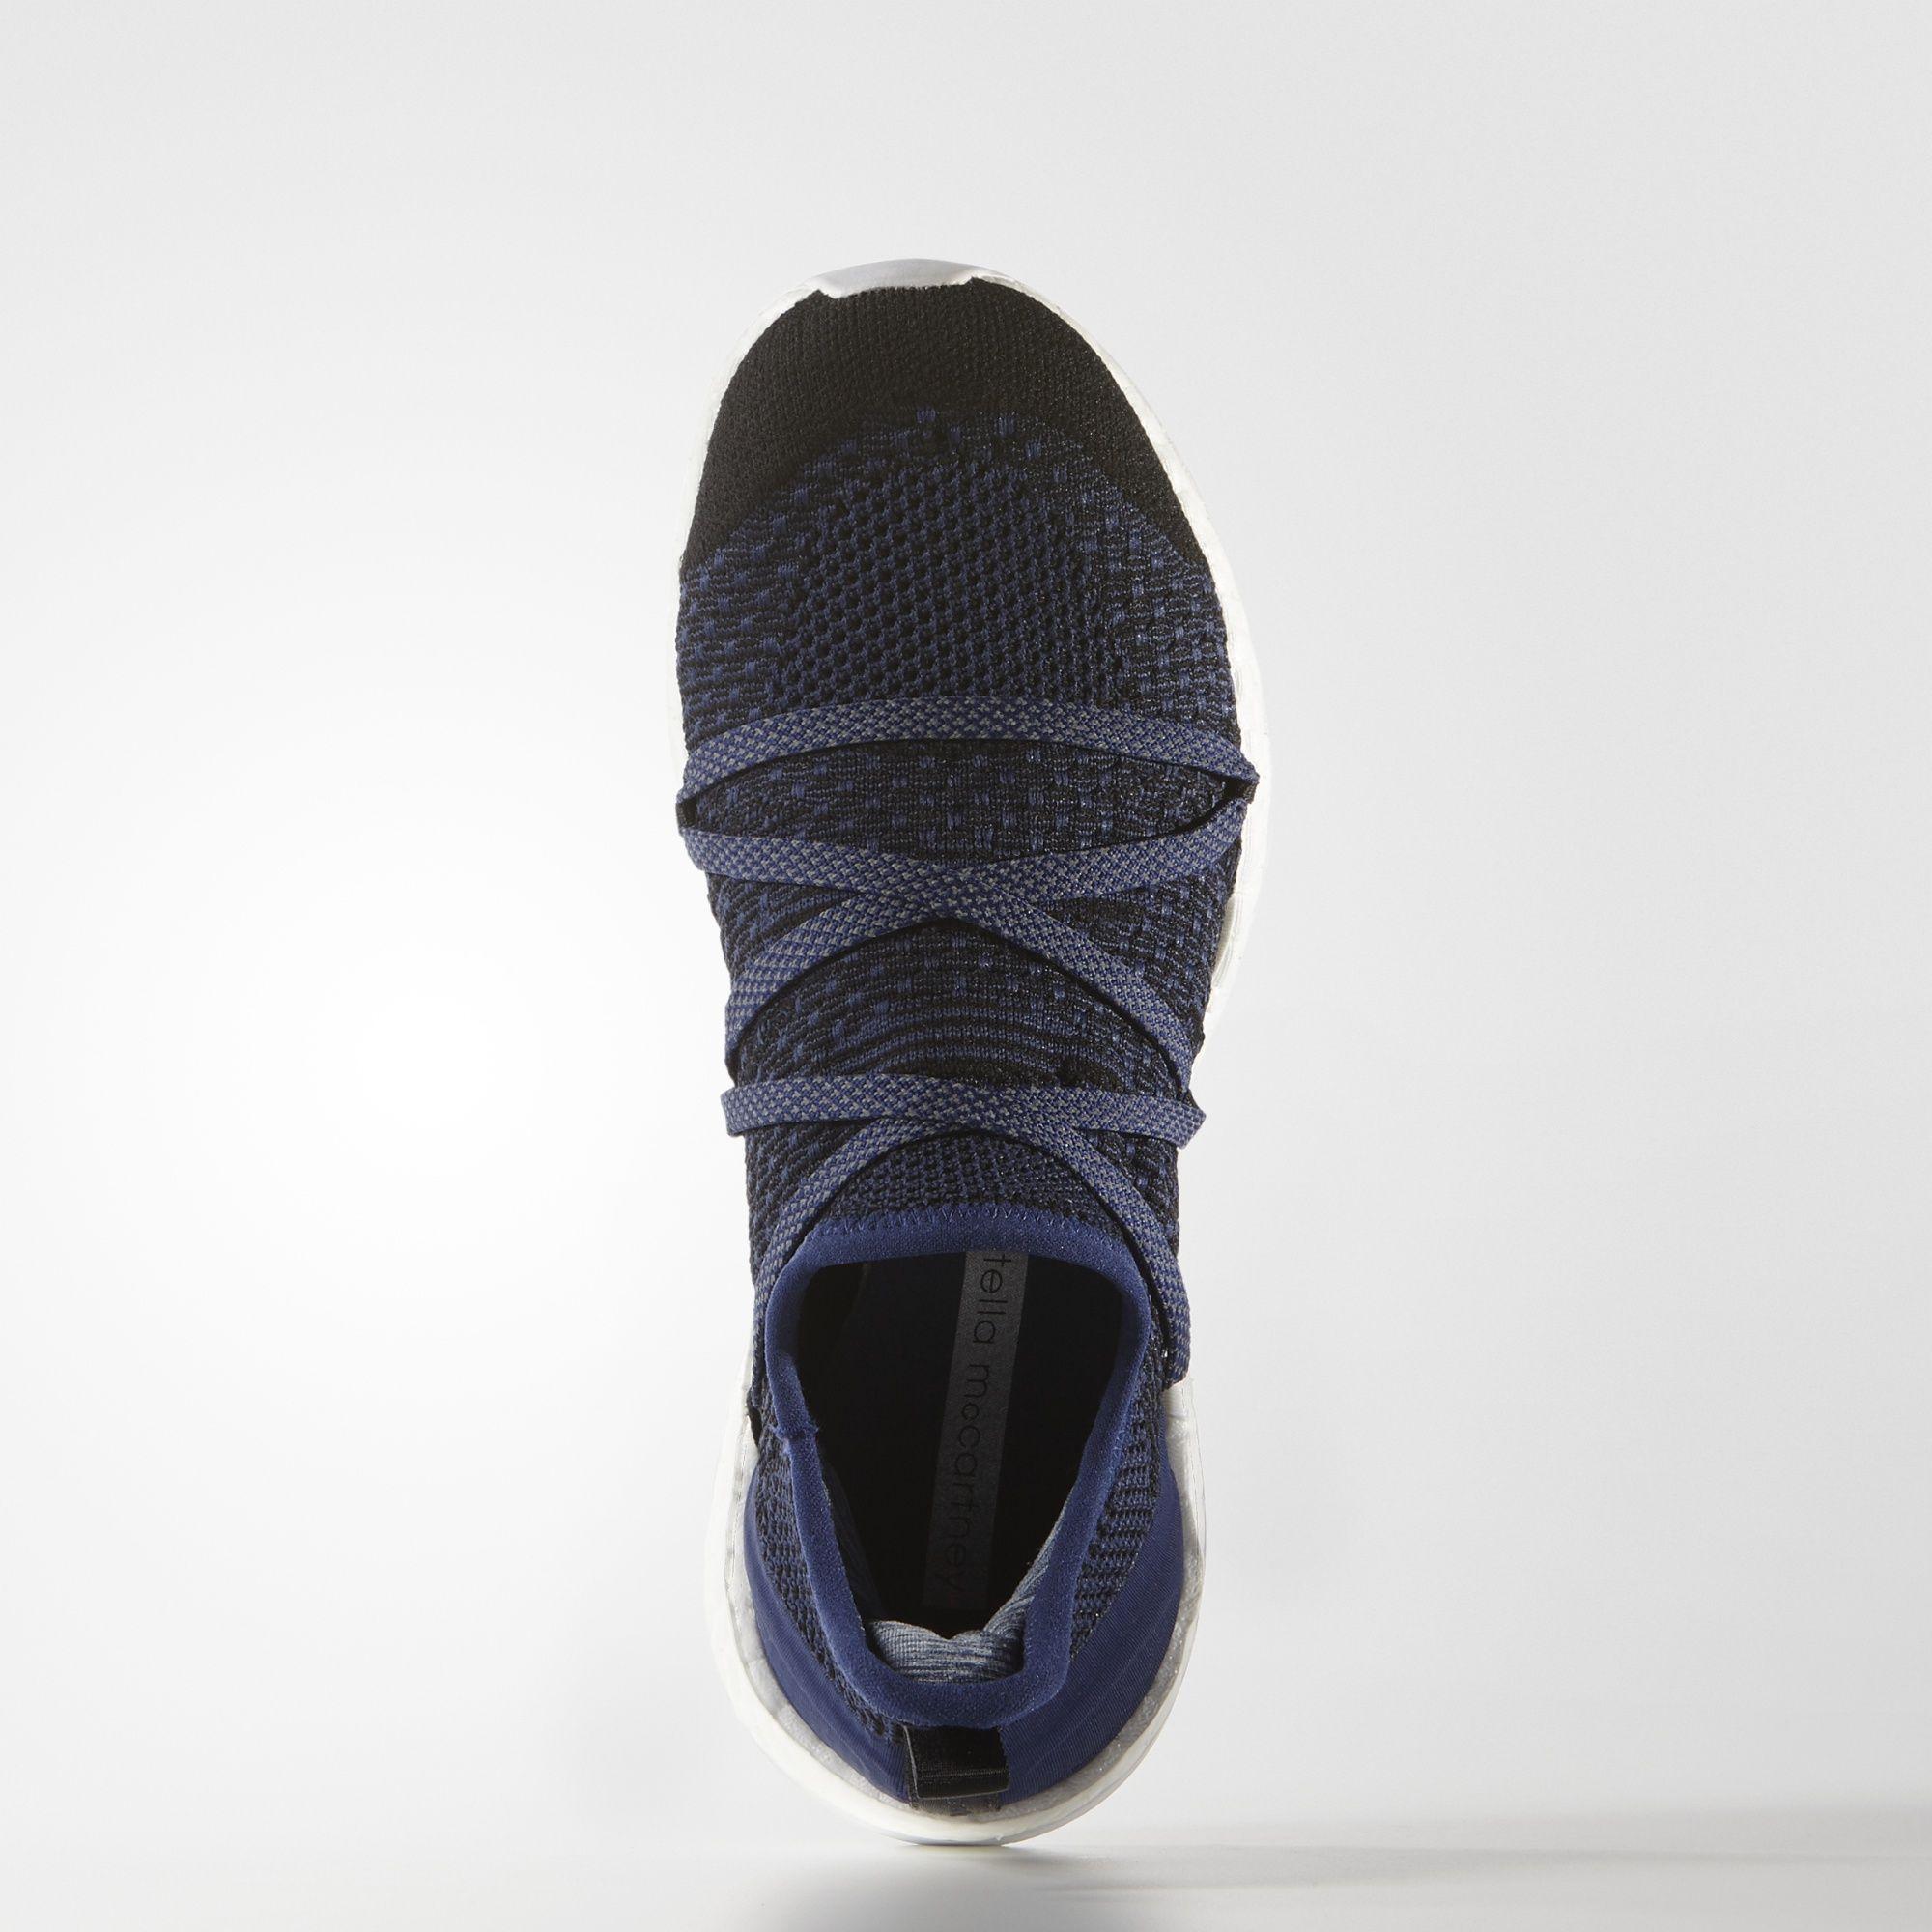 Zapatillas Deportivas De Hombre · Armario De Zapatos · Adidas Mujer · adidas  - Stella McCartney Pure Boost X Shoes 4c5d245a572f1